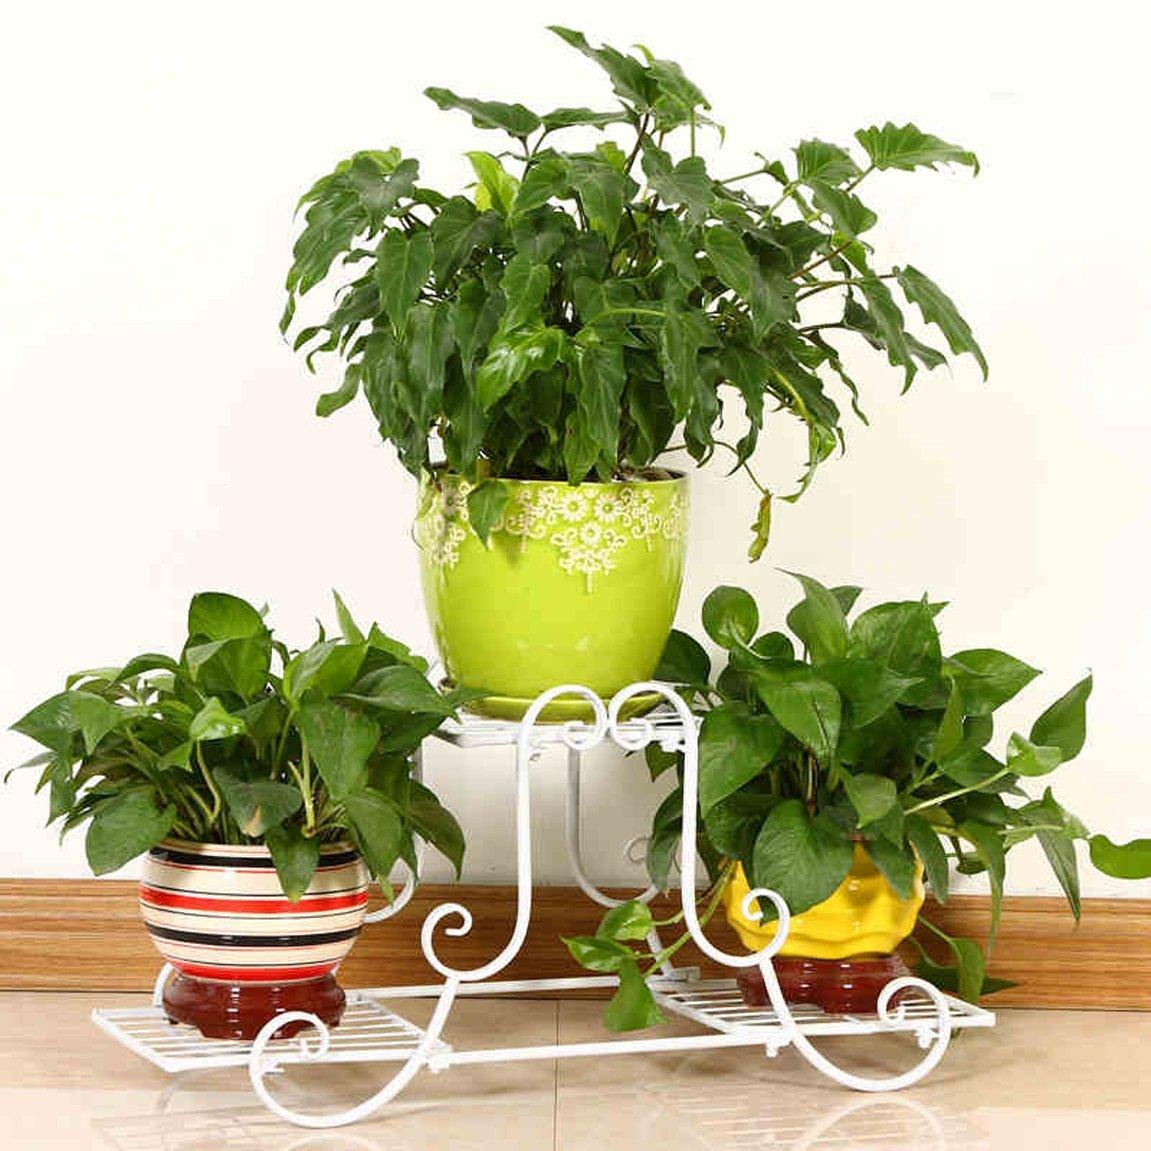 LRW Nordic Iron Flower Rack Multi Storey Green Lounge, Chlorophytum Floor Type Flower Pot Rack, Living Room Rack, White